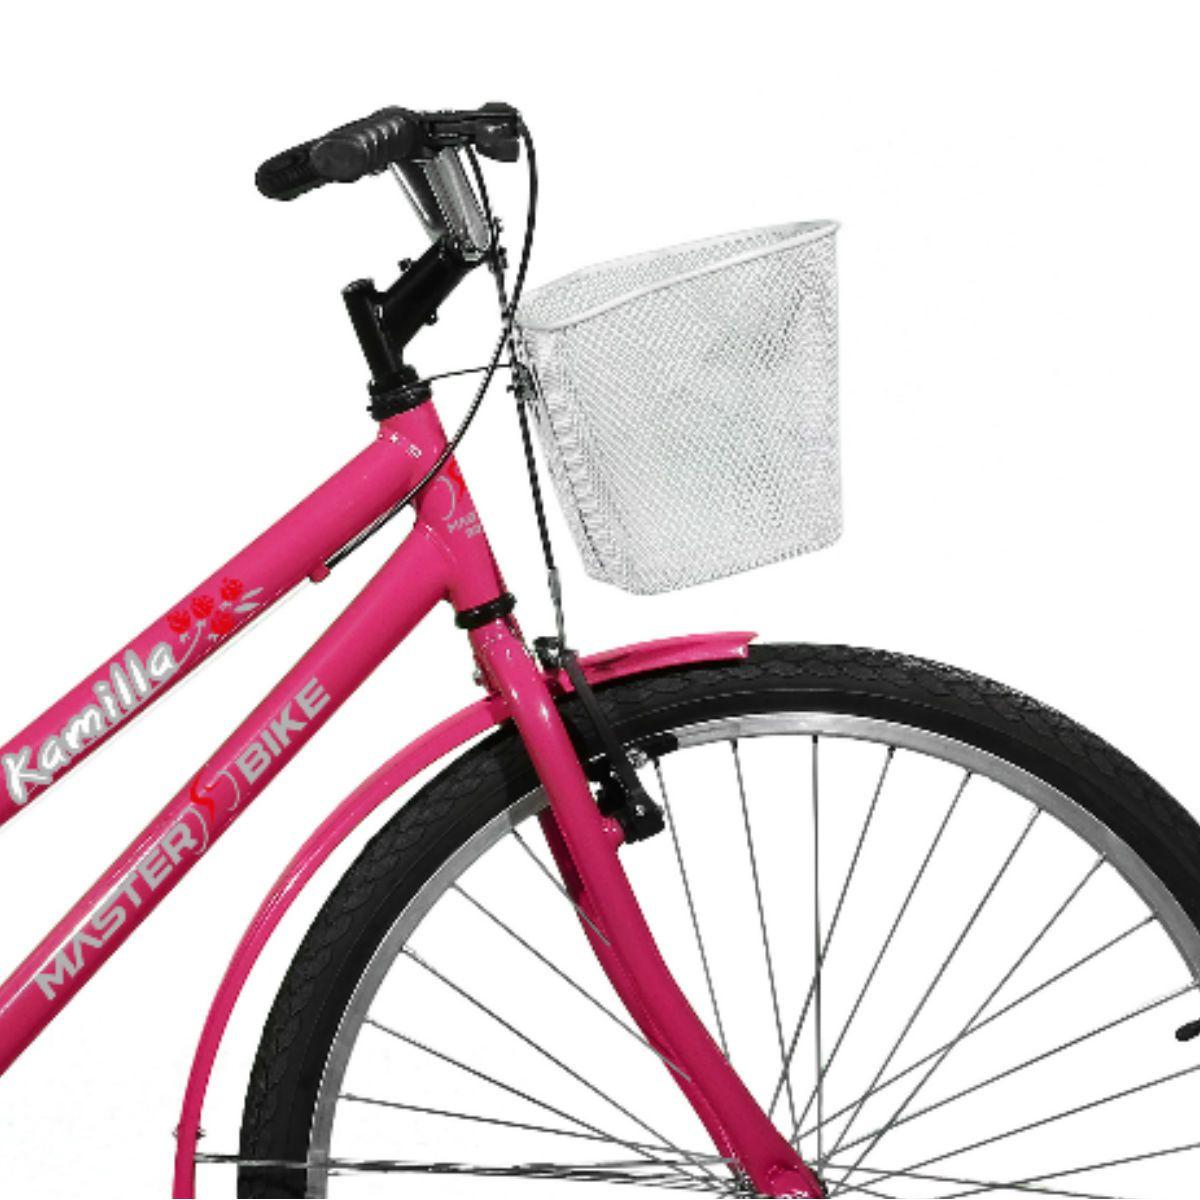 Bicicleta Master Bike Aro 26 Kamilla Freio V-Brake c/ Cesta Rosa